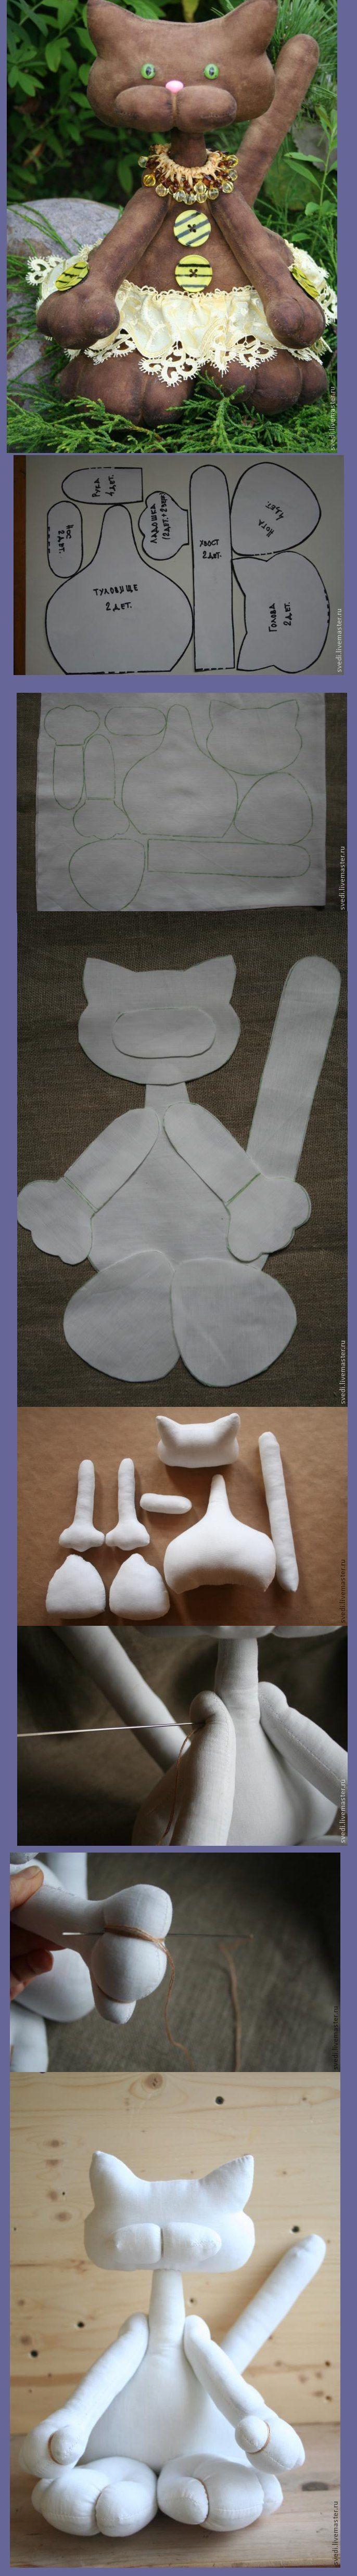 Animais confeccionados em tecido ou feltro